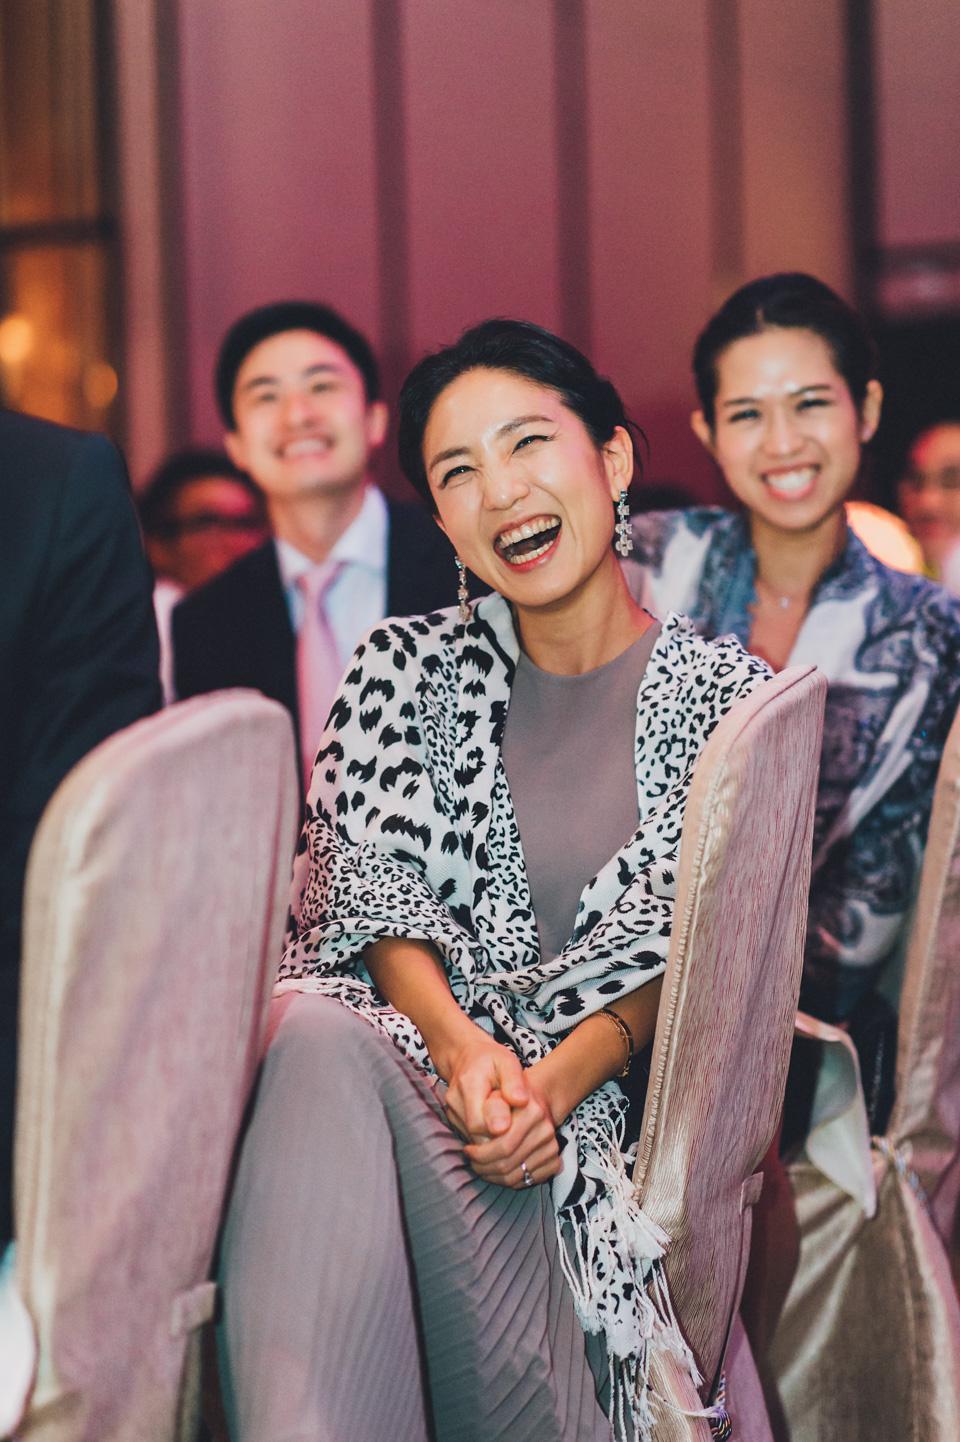 hongkong-wedding-photo-video-149 Kristy & Sam HongKong Wedding Four Saison HKhongkong wedding photo video 149